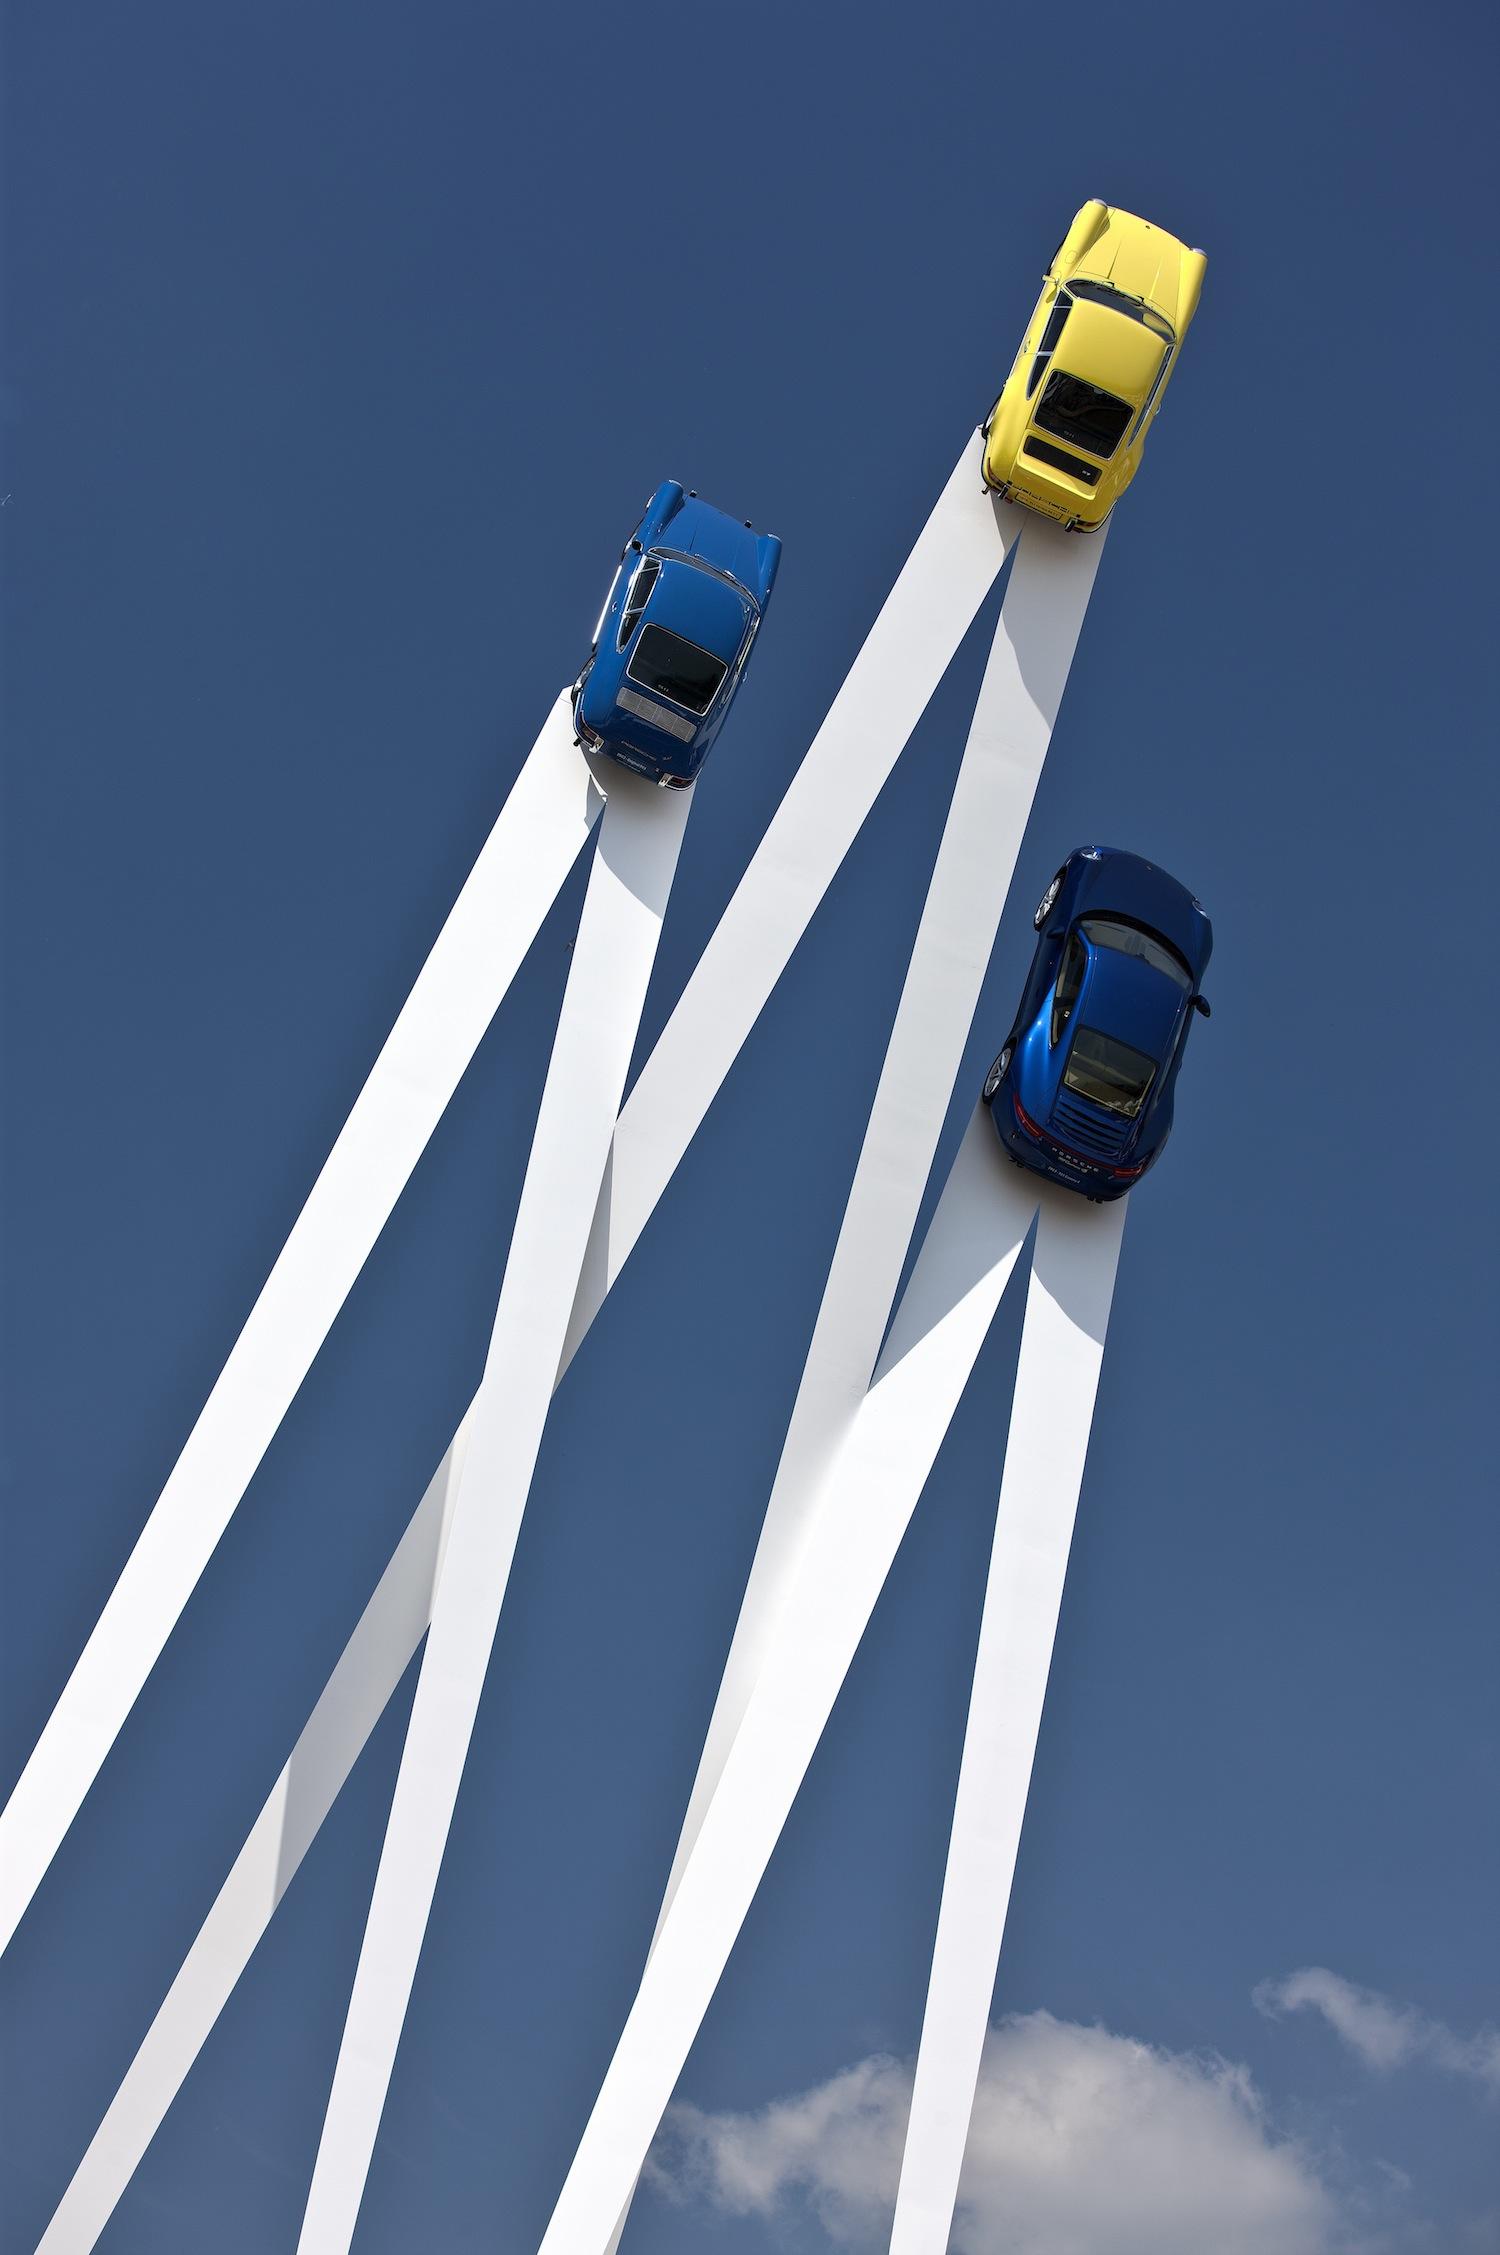 Sky-high Porsche Sculpture by Gerry Judah